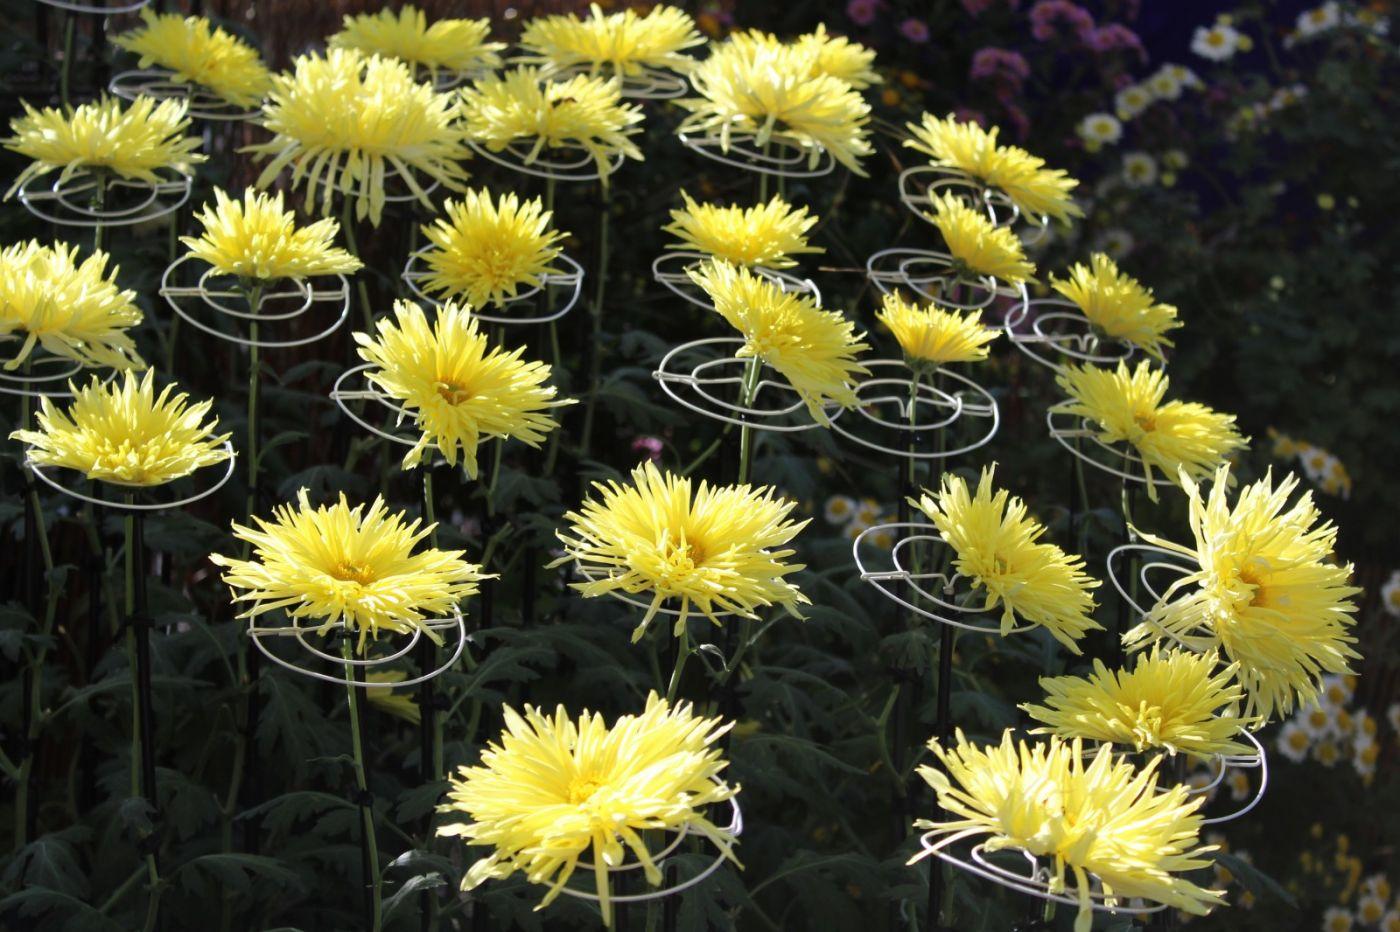 植物园日本菊花展_图1-27